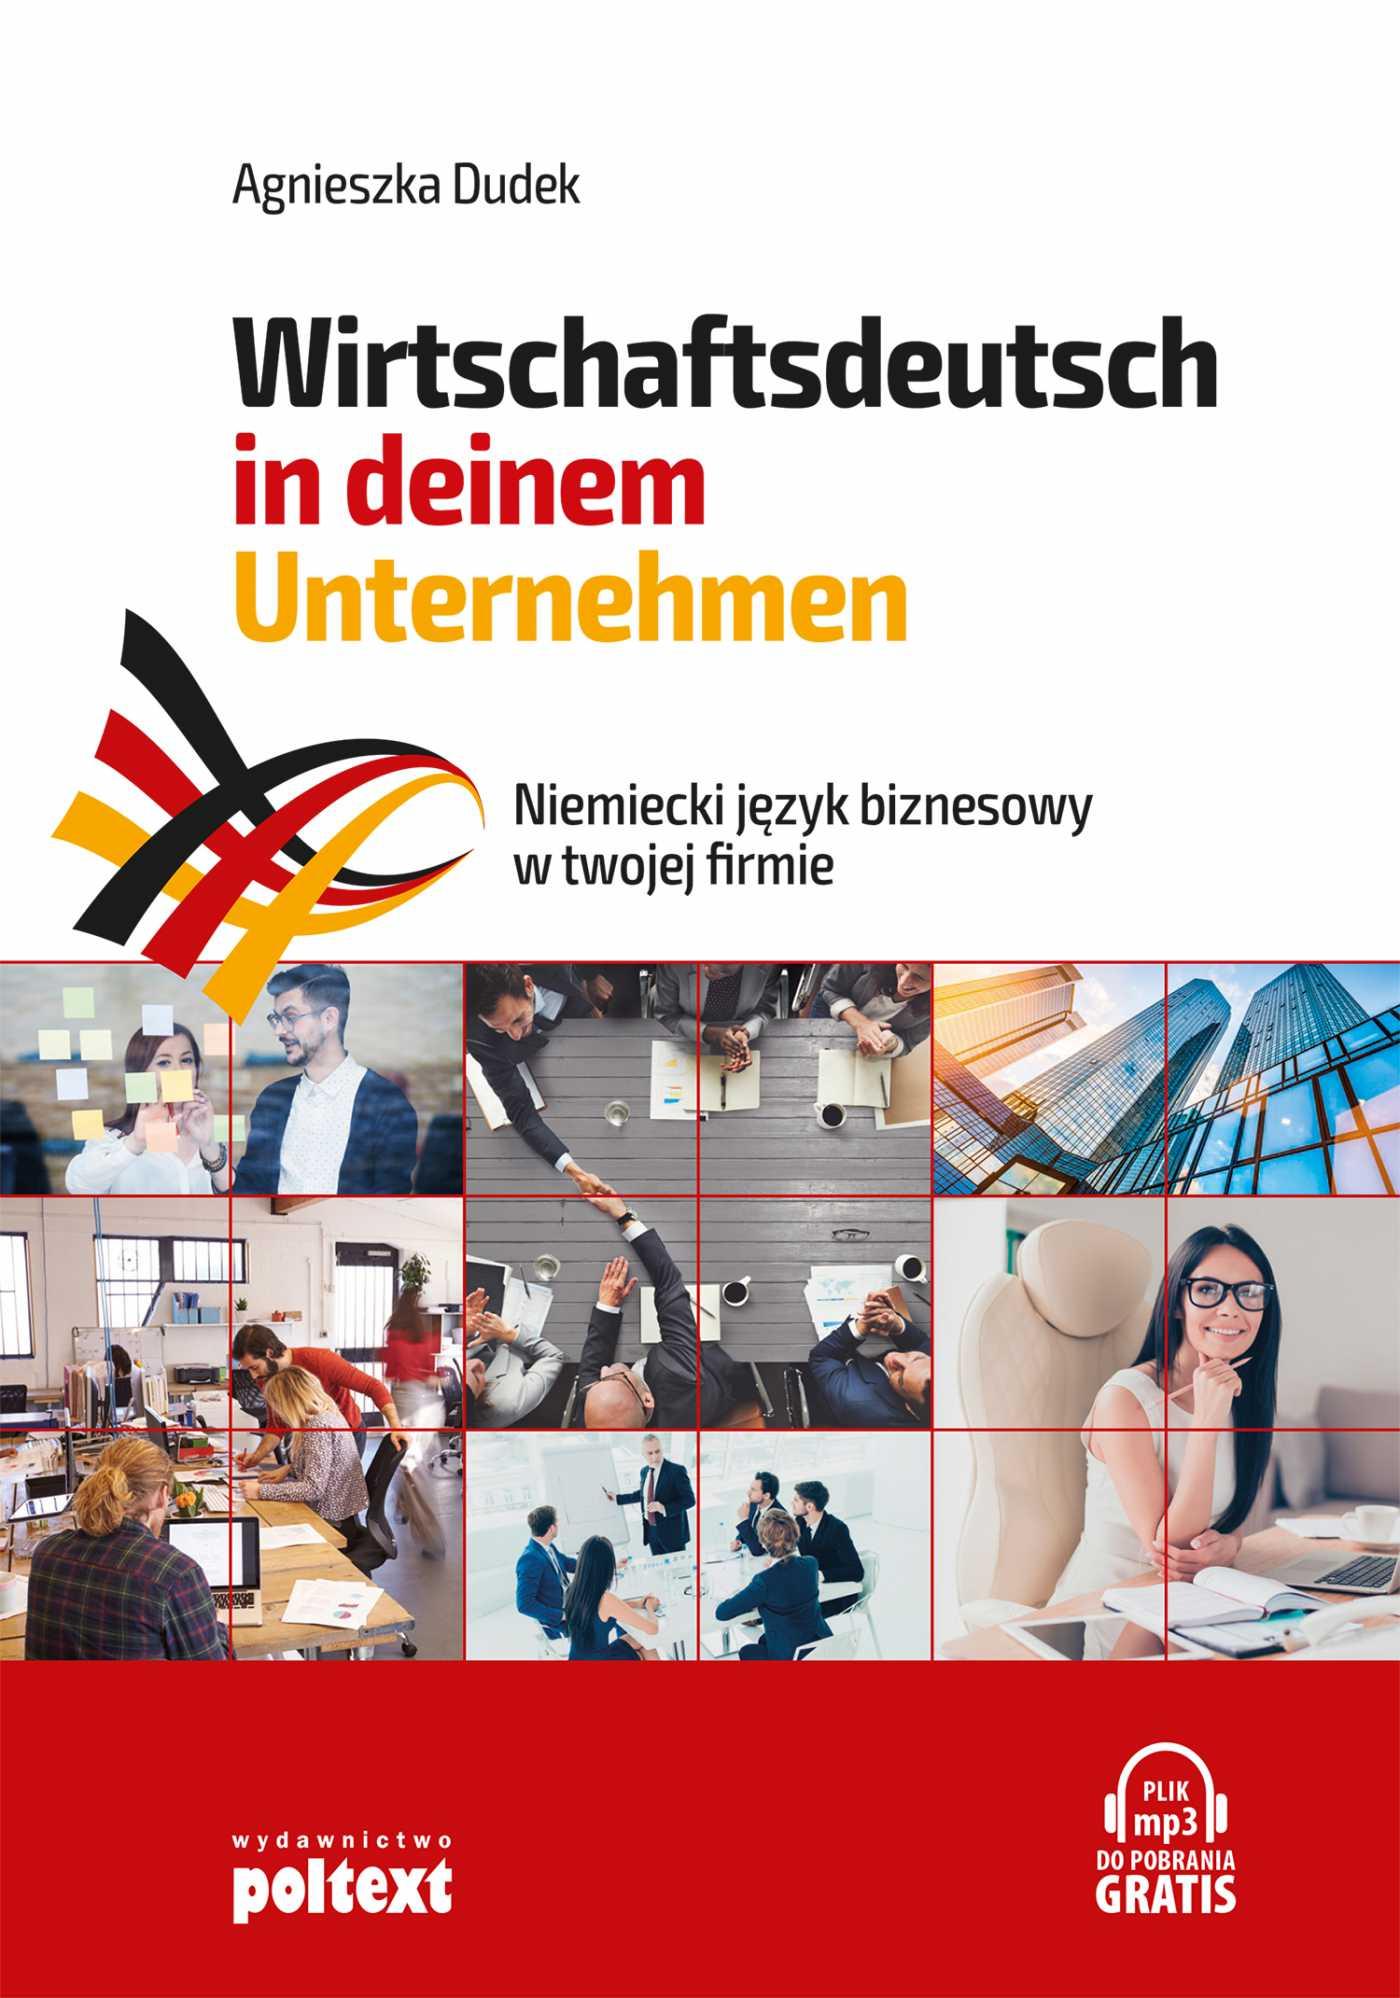 Niemiecki język biznesowy w twojej firmie. Wirtschaftsdeutsch in deinem Unternehmen - Ebook (Książka EPUB) do pobrania w formacie EPUB